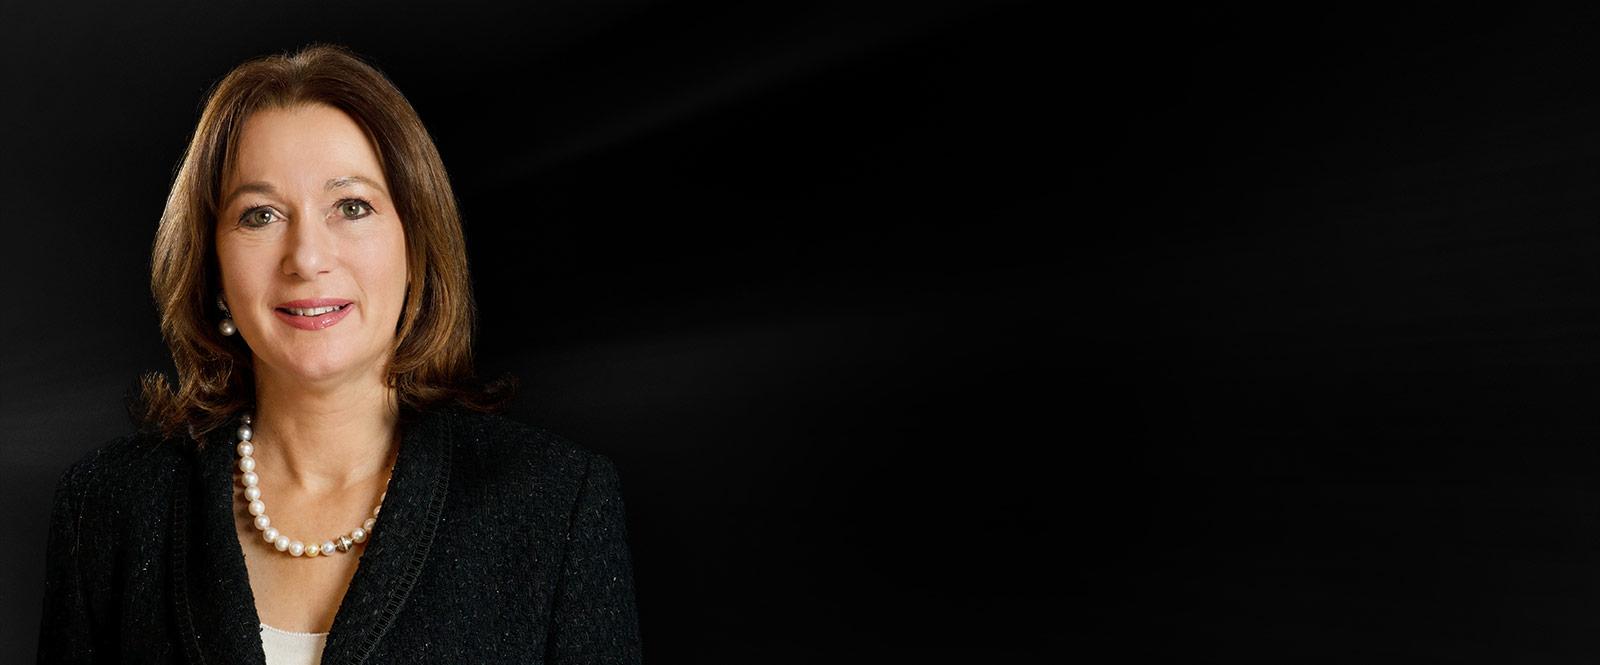 Dr. Katharina Ludwig, Rechtsanwältin, Fachanwältin für internationales Wirtschaftsrecht, Karlsruhe